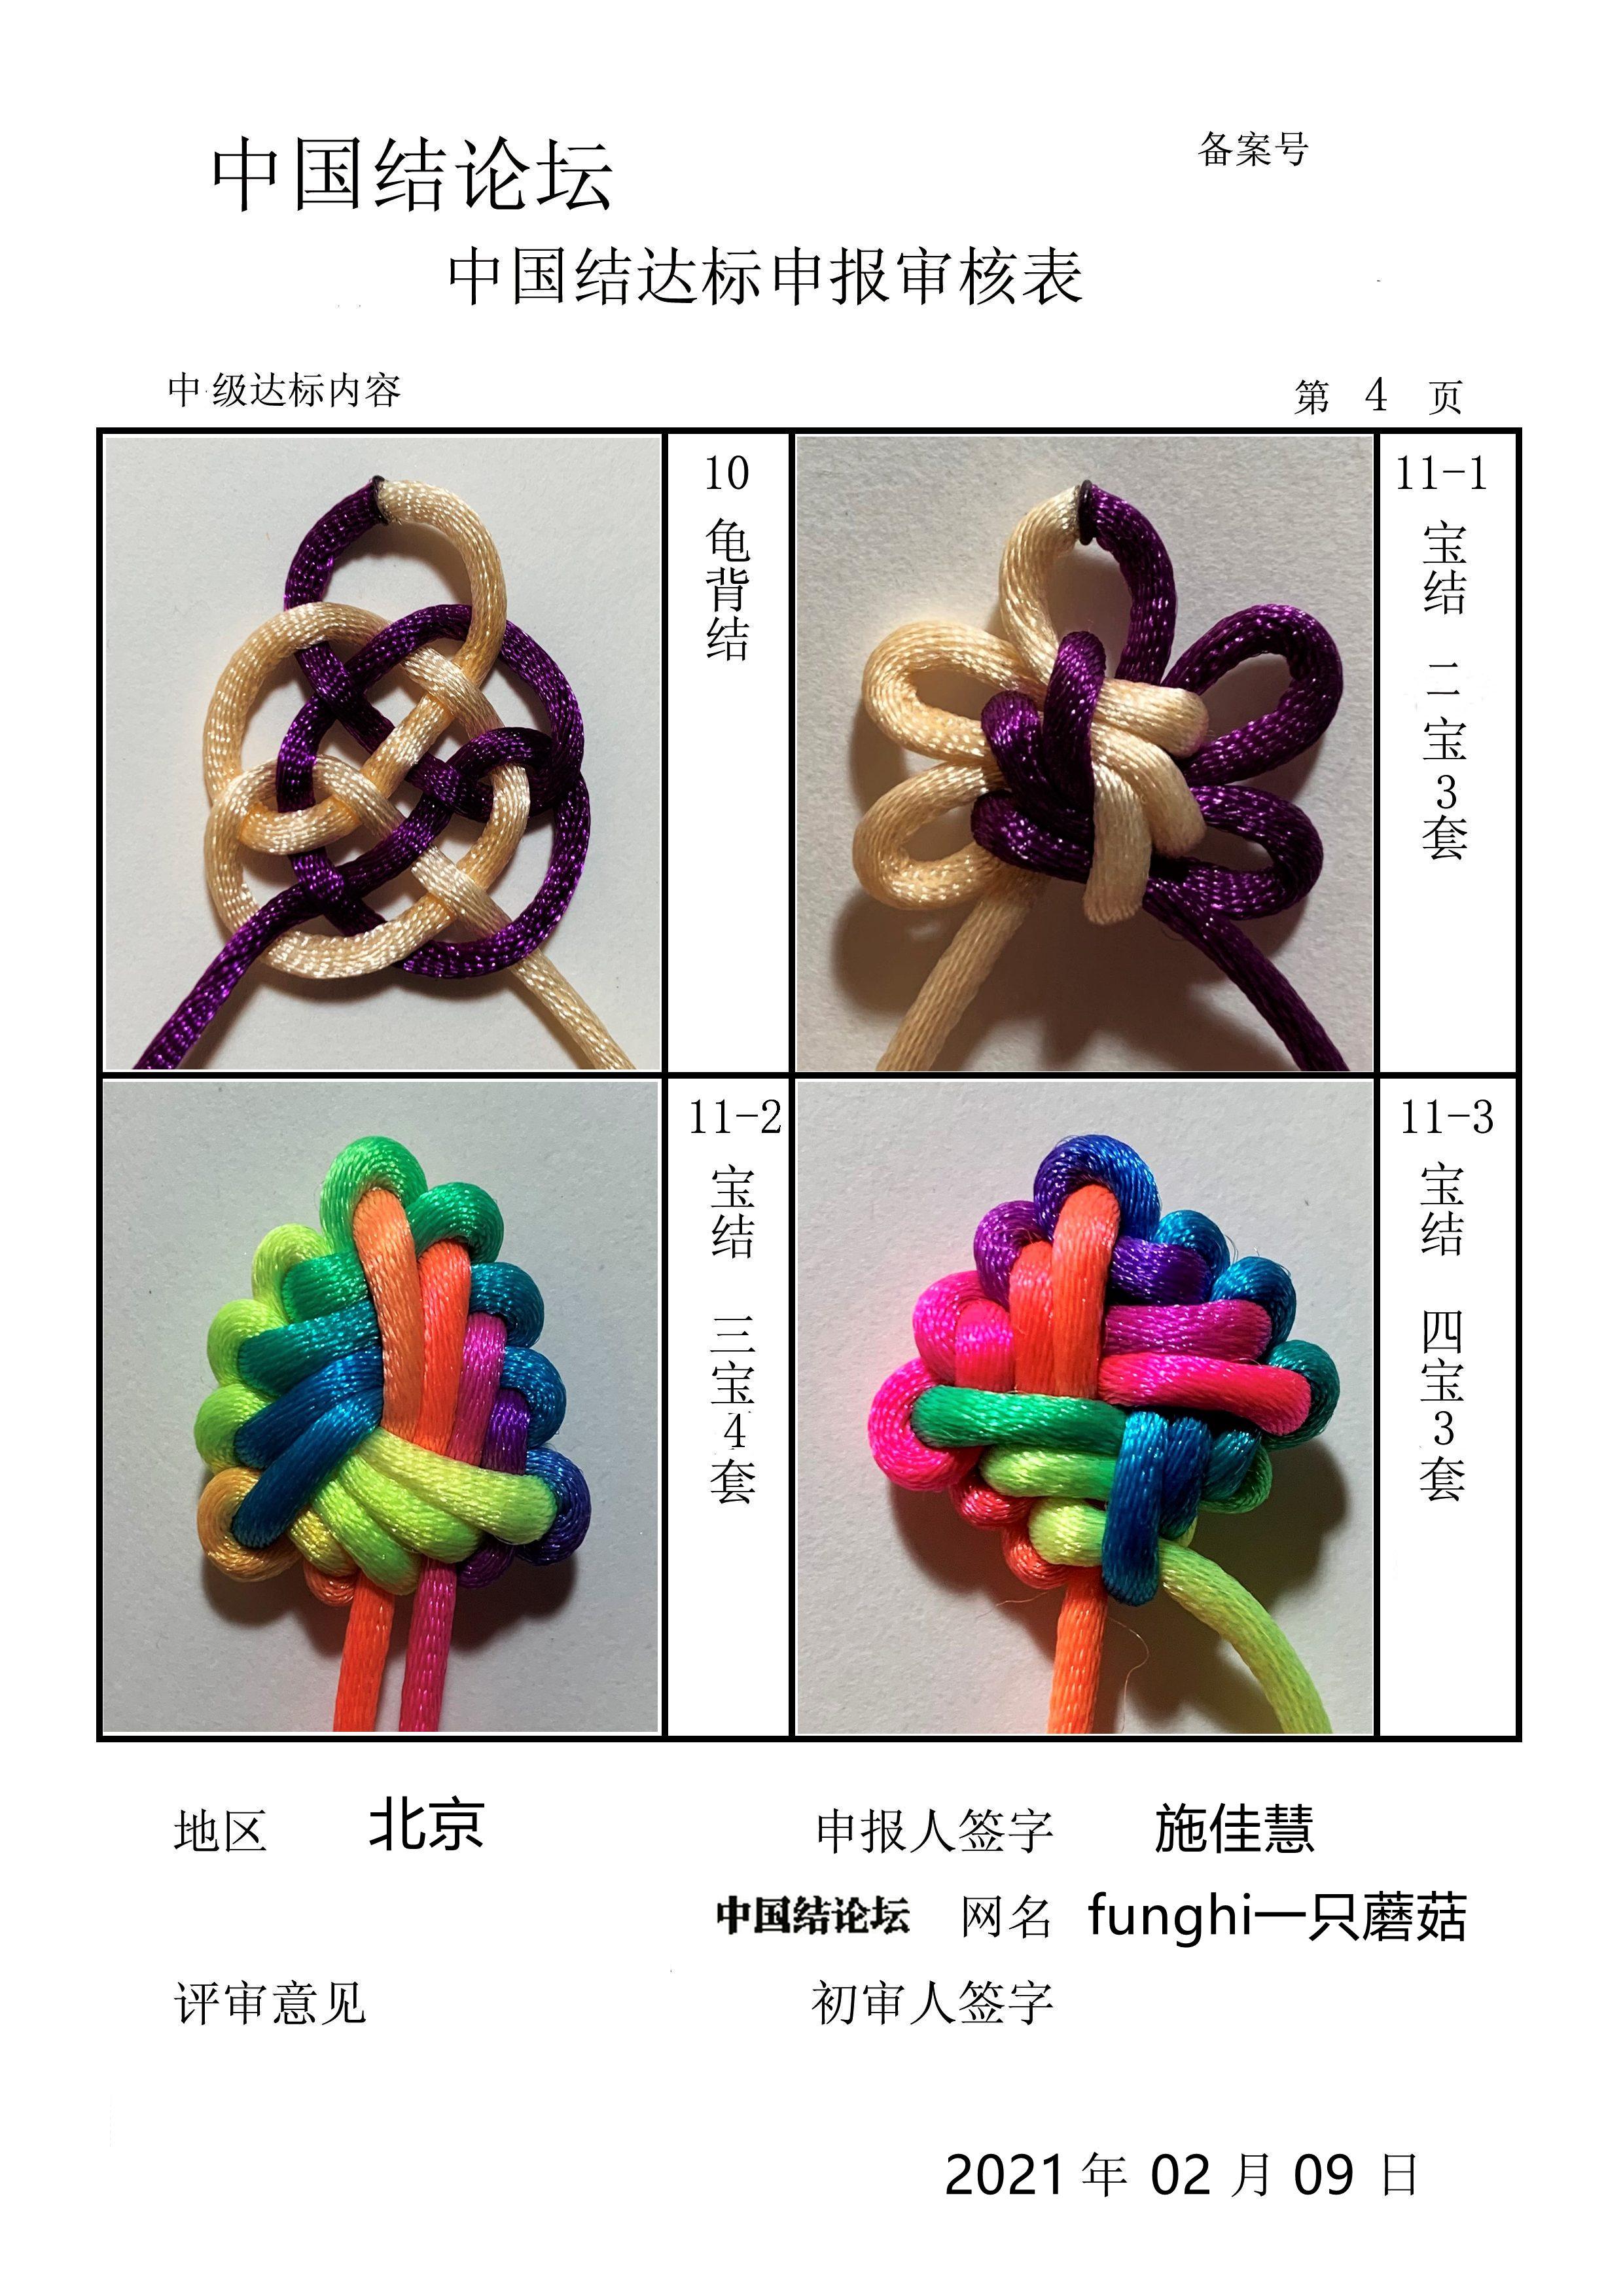 中国结论坛 funghi一只蘑菇——中级达标审核稿件 指定稿件,我的心稿件,新闻稿件,他们稿件,蘑菇 中国绳结艺术分级达标审核 212849oijs492849jk8x98